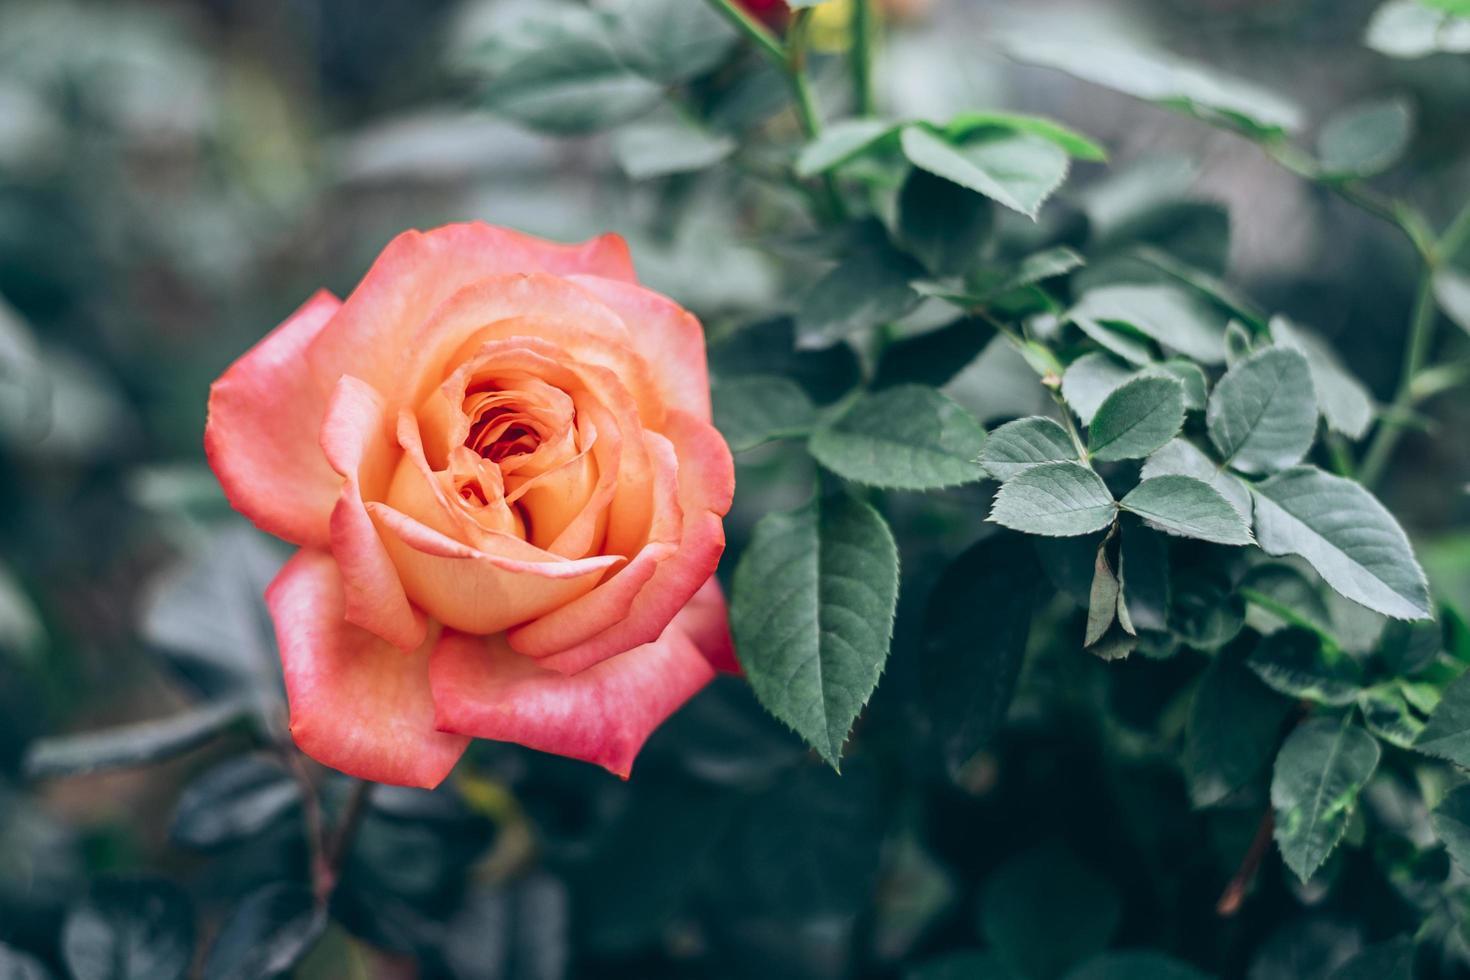 soft focus sélectif de roses roses dans le jardin photo